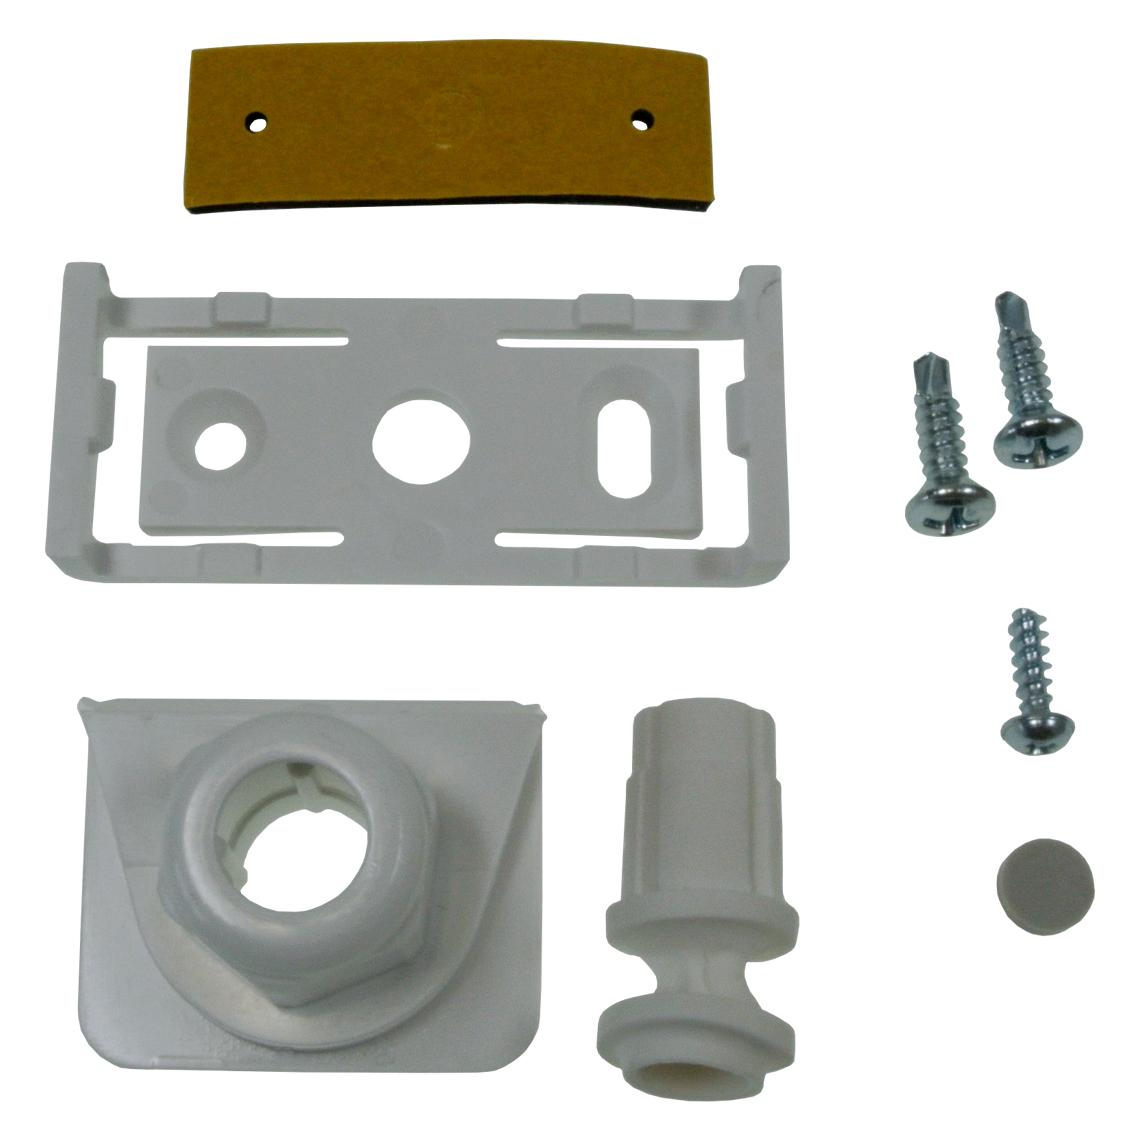 Montage-Set AKF10+ für USE-S-Gehäuse Produktbild